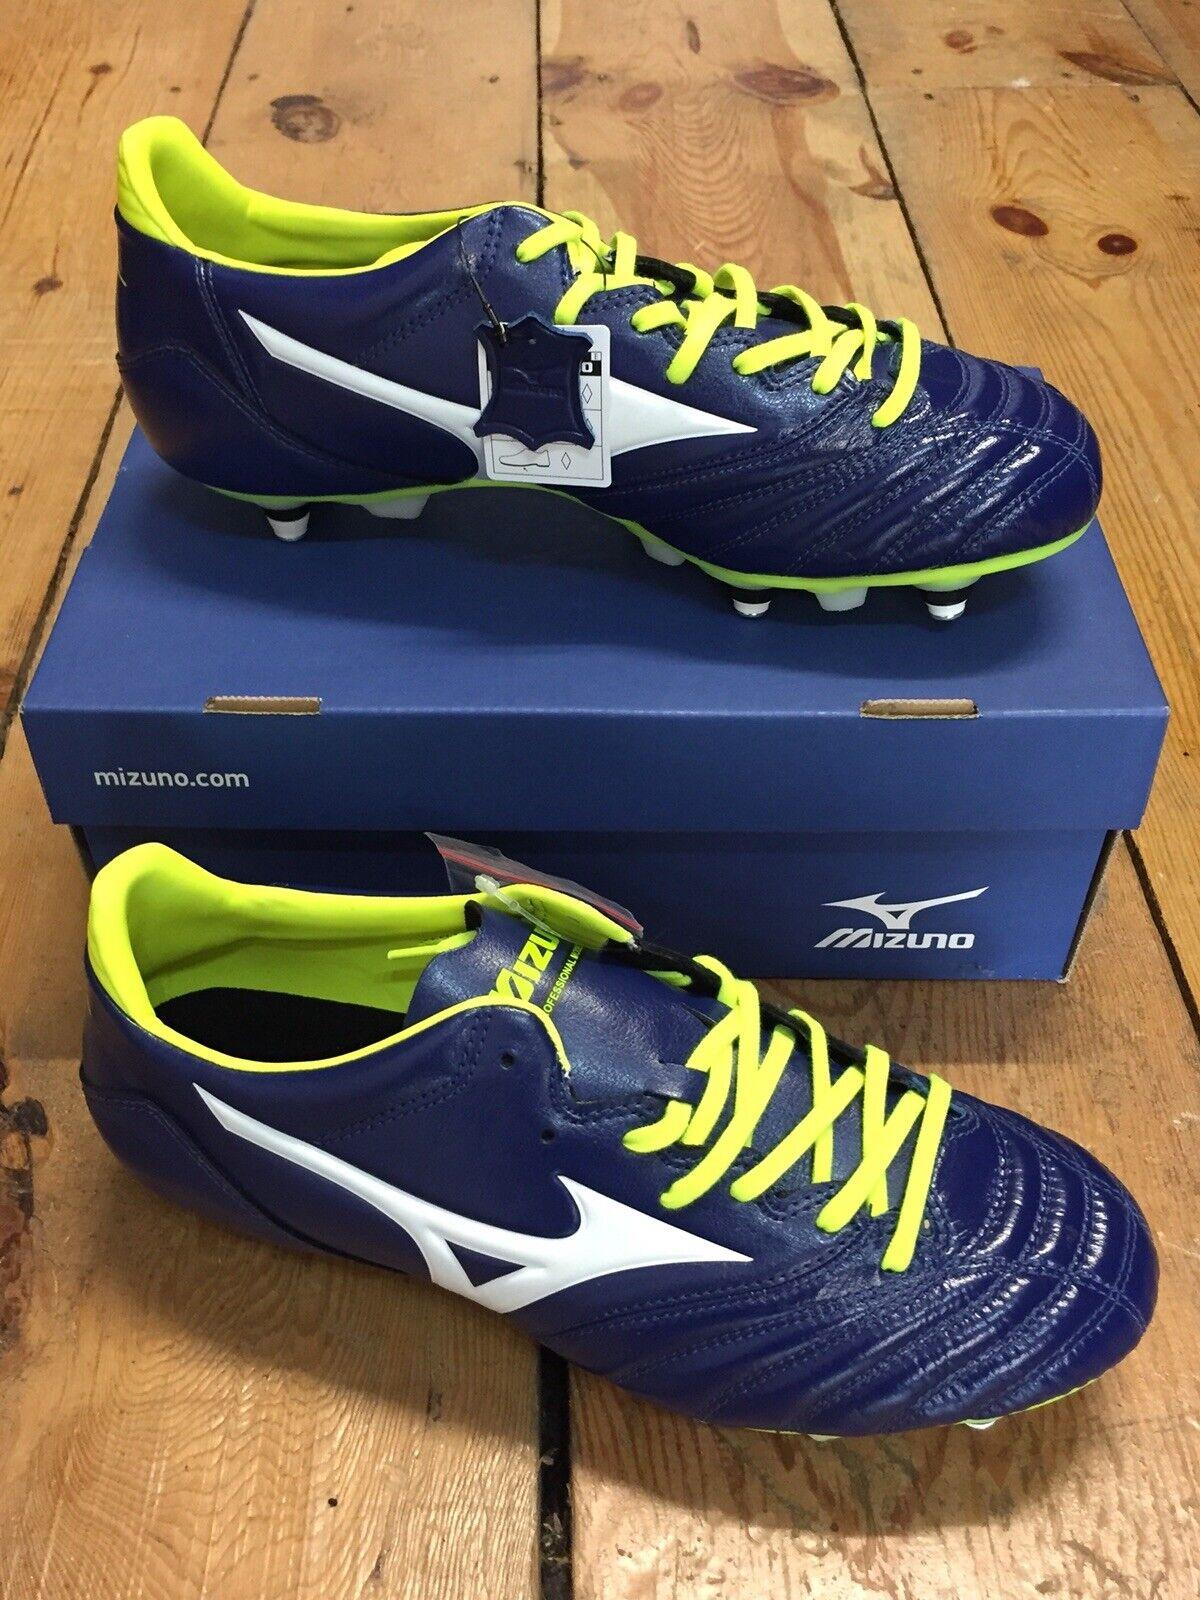 Mizuno Morelia Neo KL mezcla de cuero botas de fútbol-UK Talla 8  Totalmente NUEVO